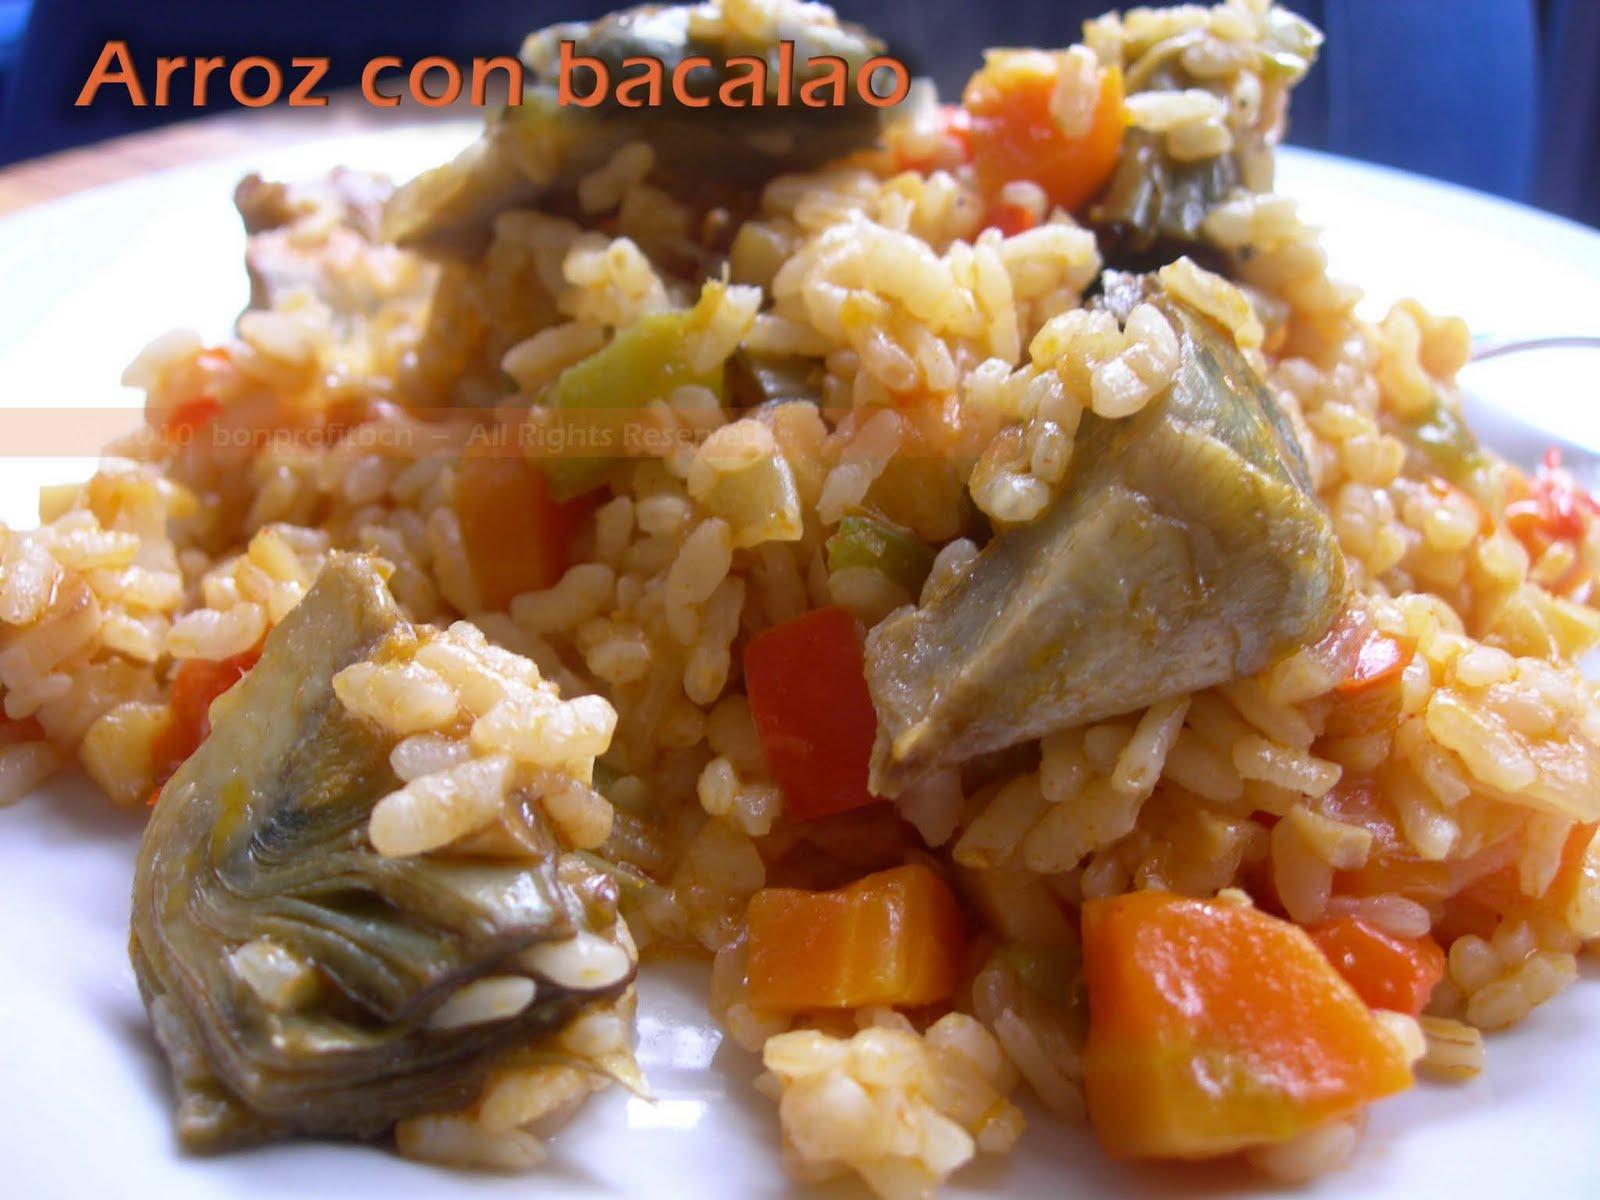 Bon profit arroz con bacalao y hortalizas - Arroz con bacalao desmigado ...